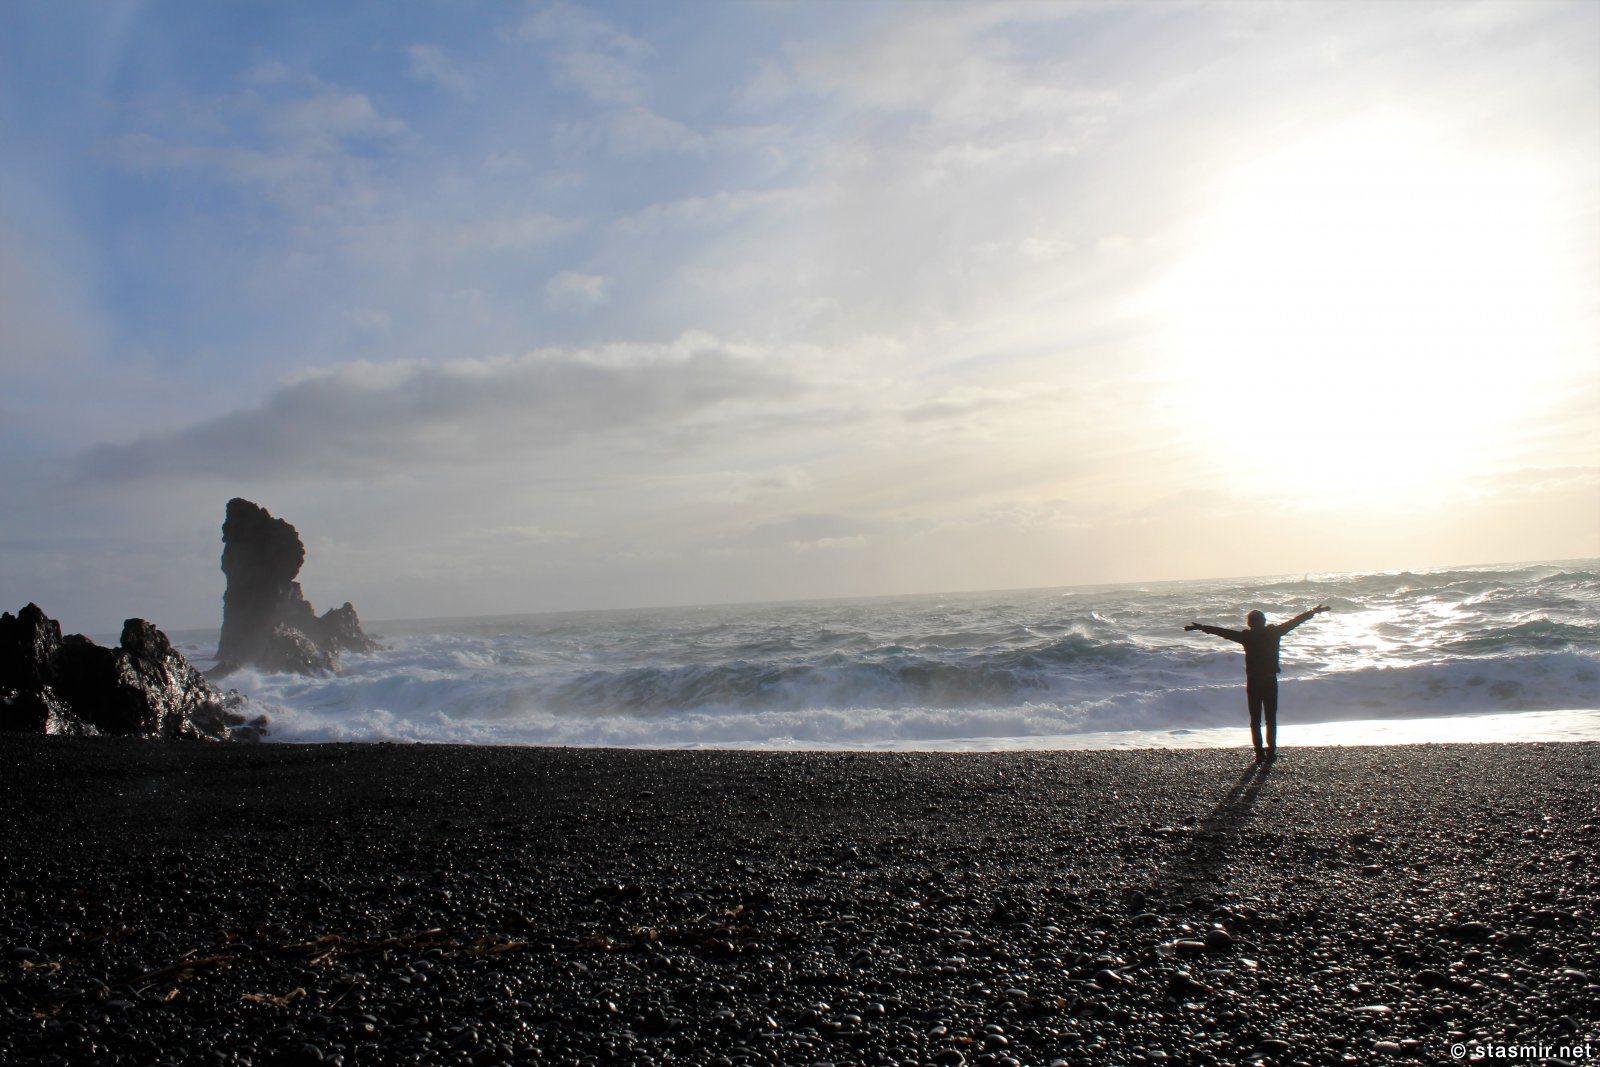 Дьюпалоунид, Западная Исландия, фото Стасмир, photo Stasmir, stasmirnet, stasmir.com